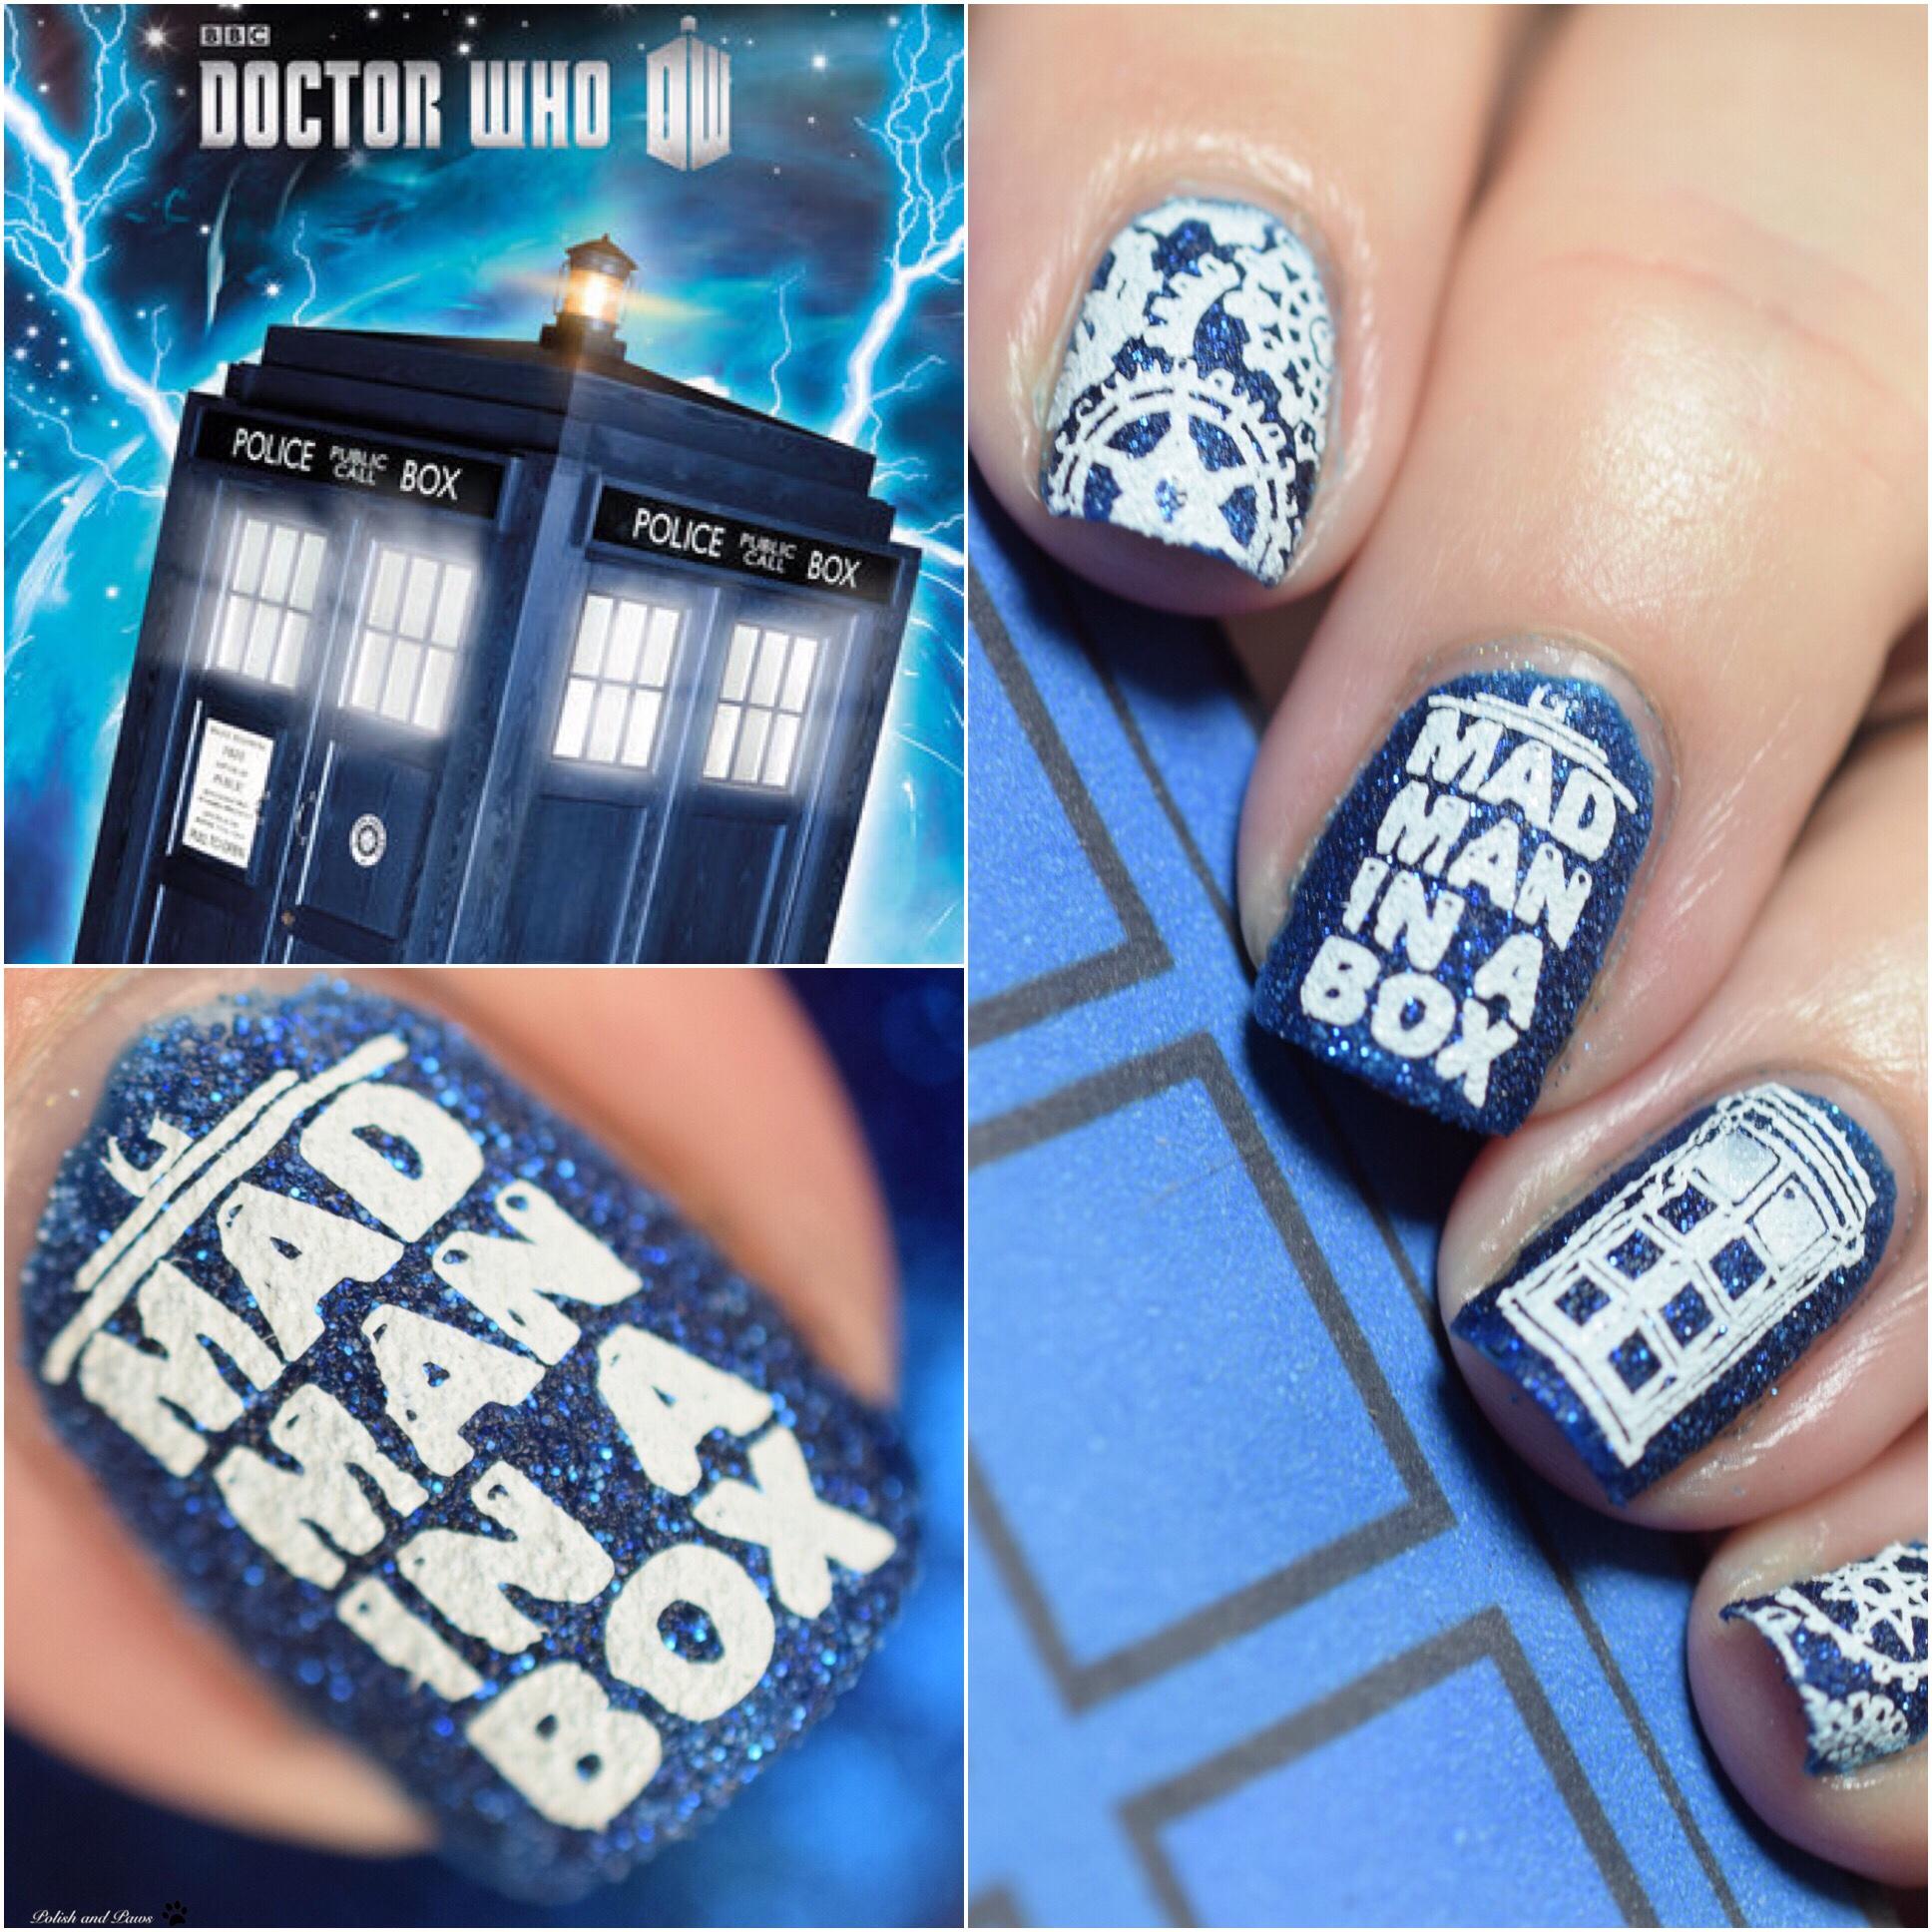 Doctor Who Nails Nail Art